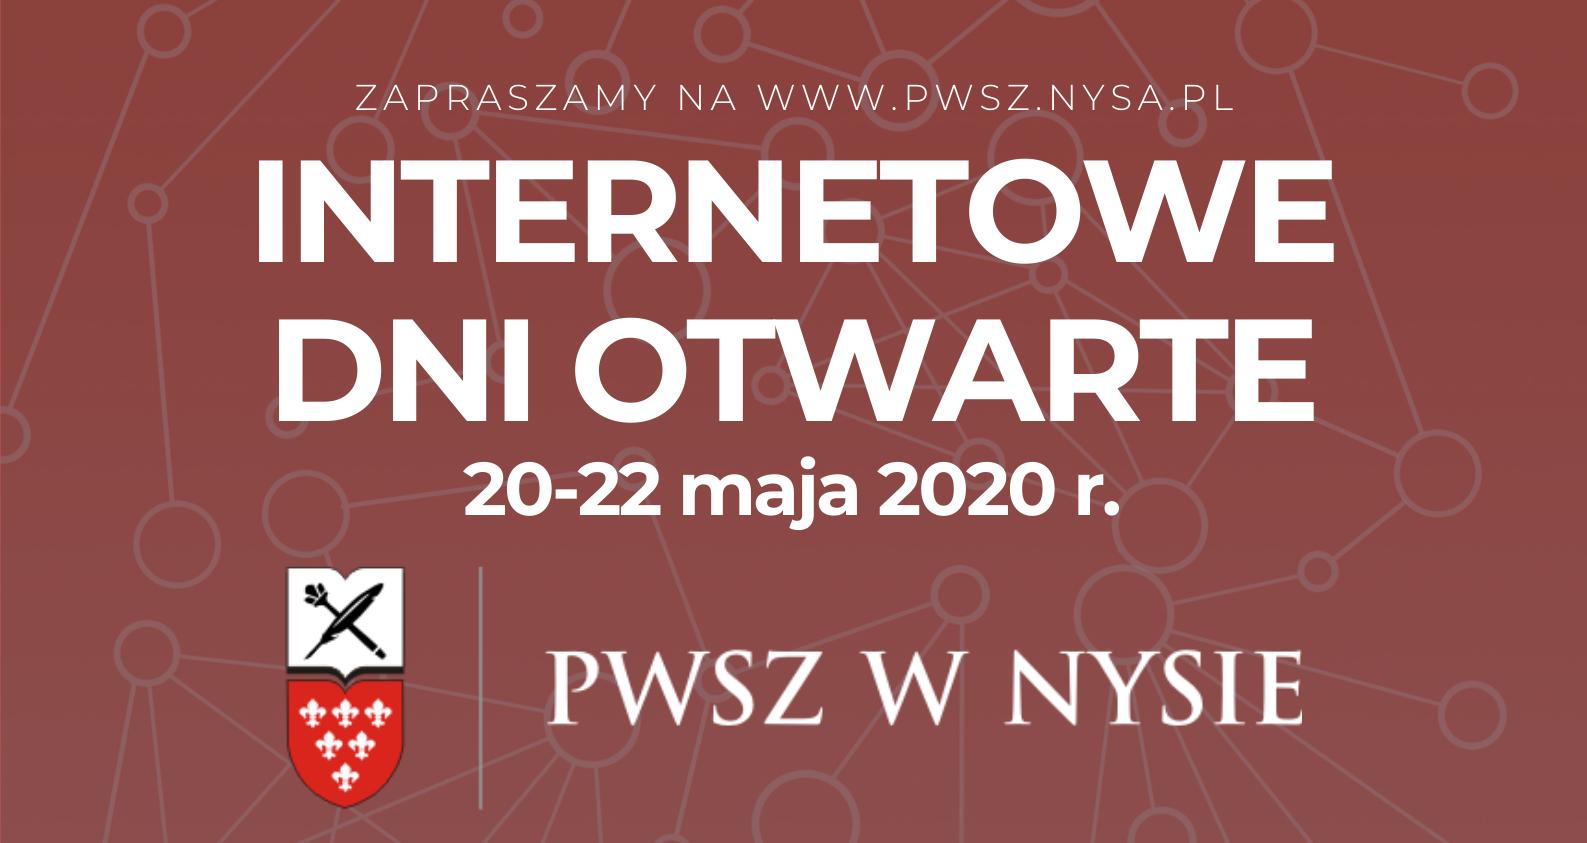 Nyska Uczelnia zorganizuje Internetowe Dni Otwarte